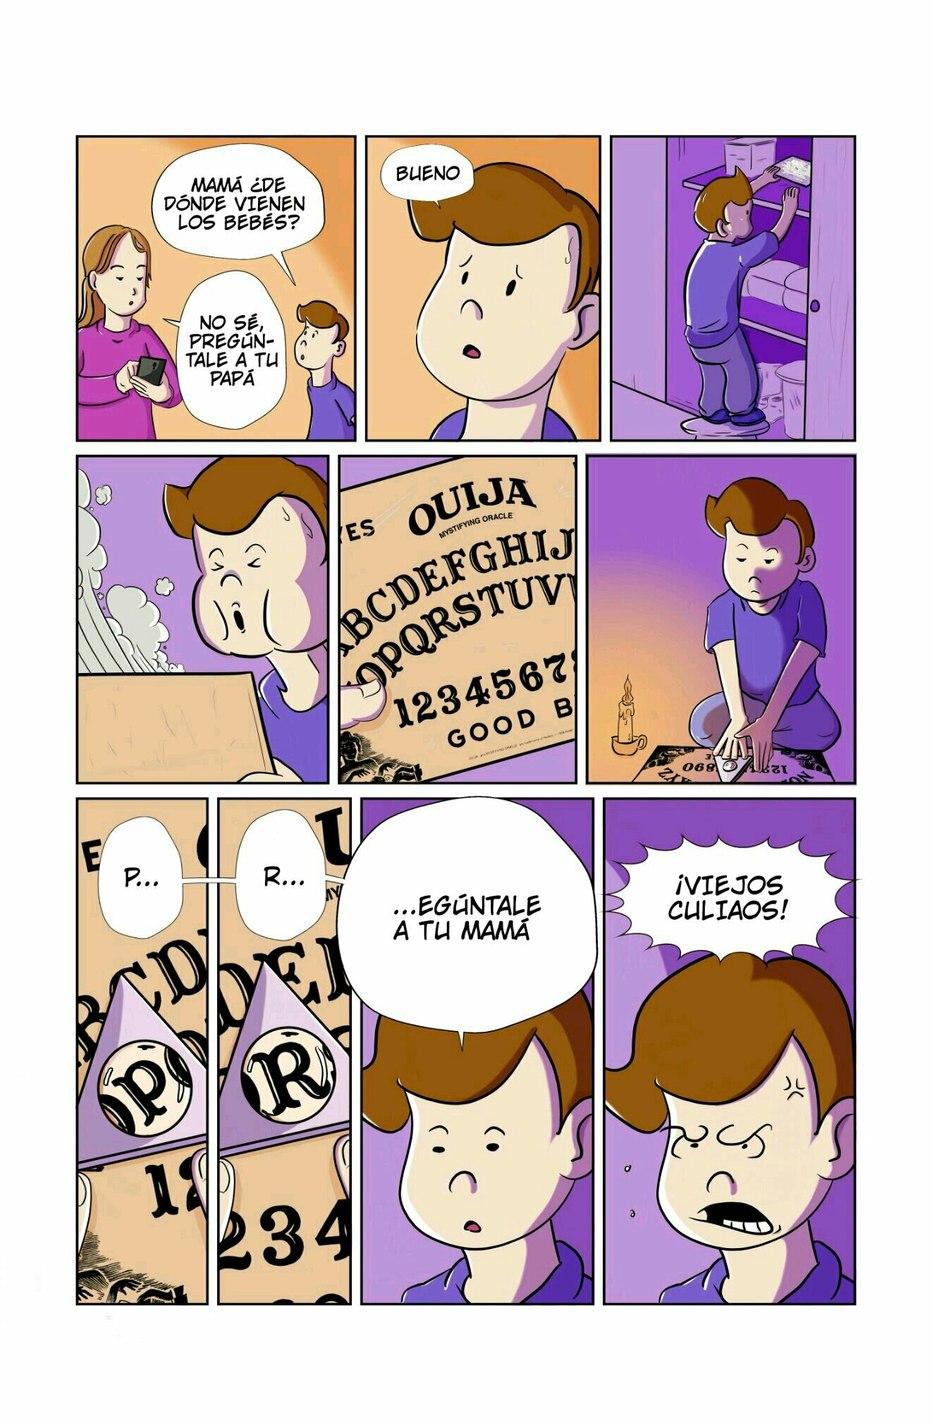 La guijafgjfg - meme